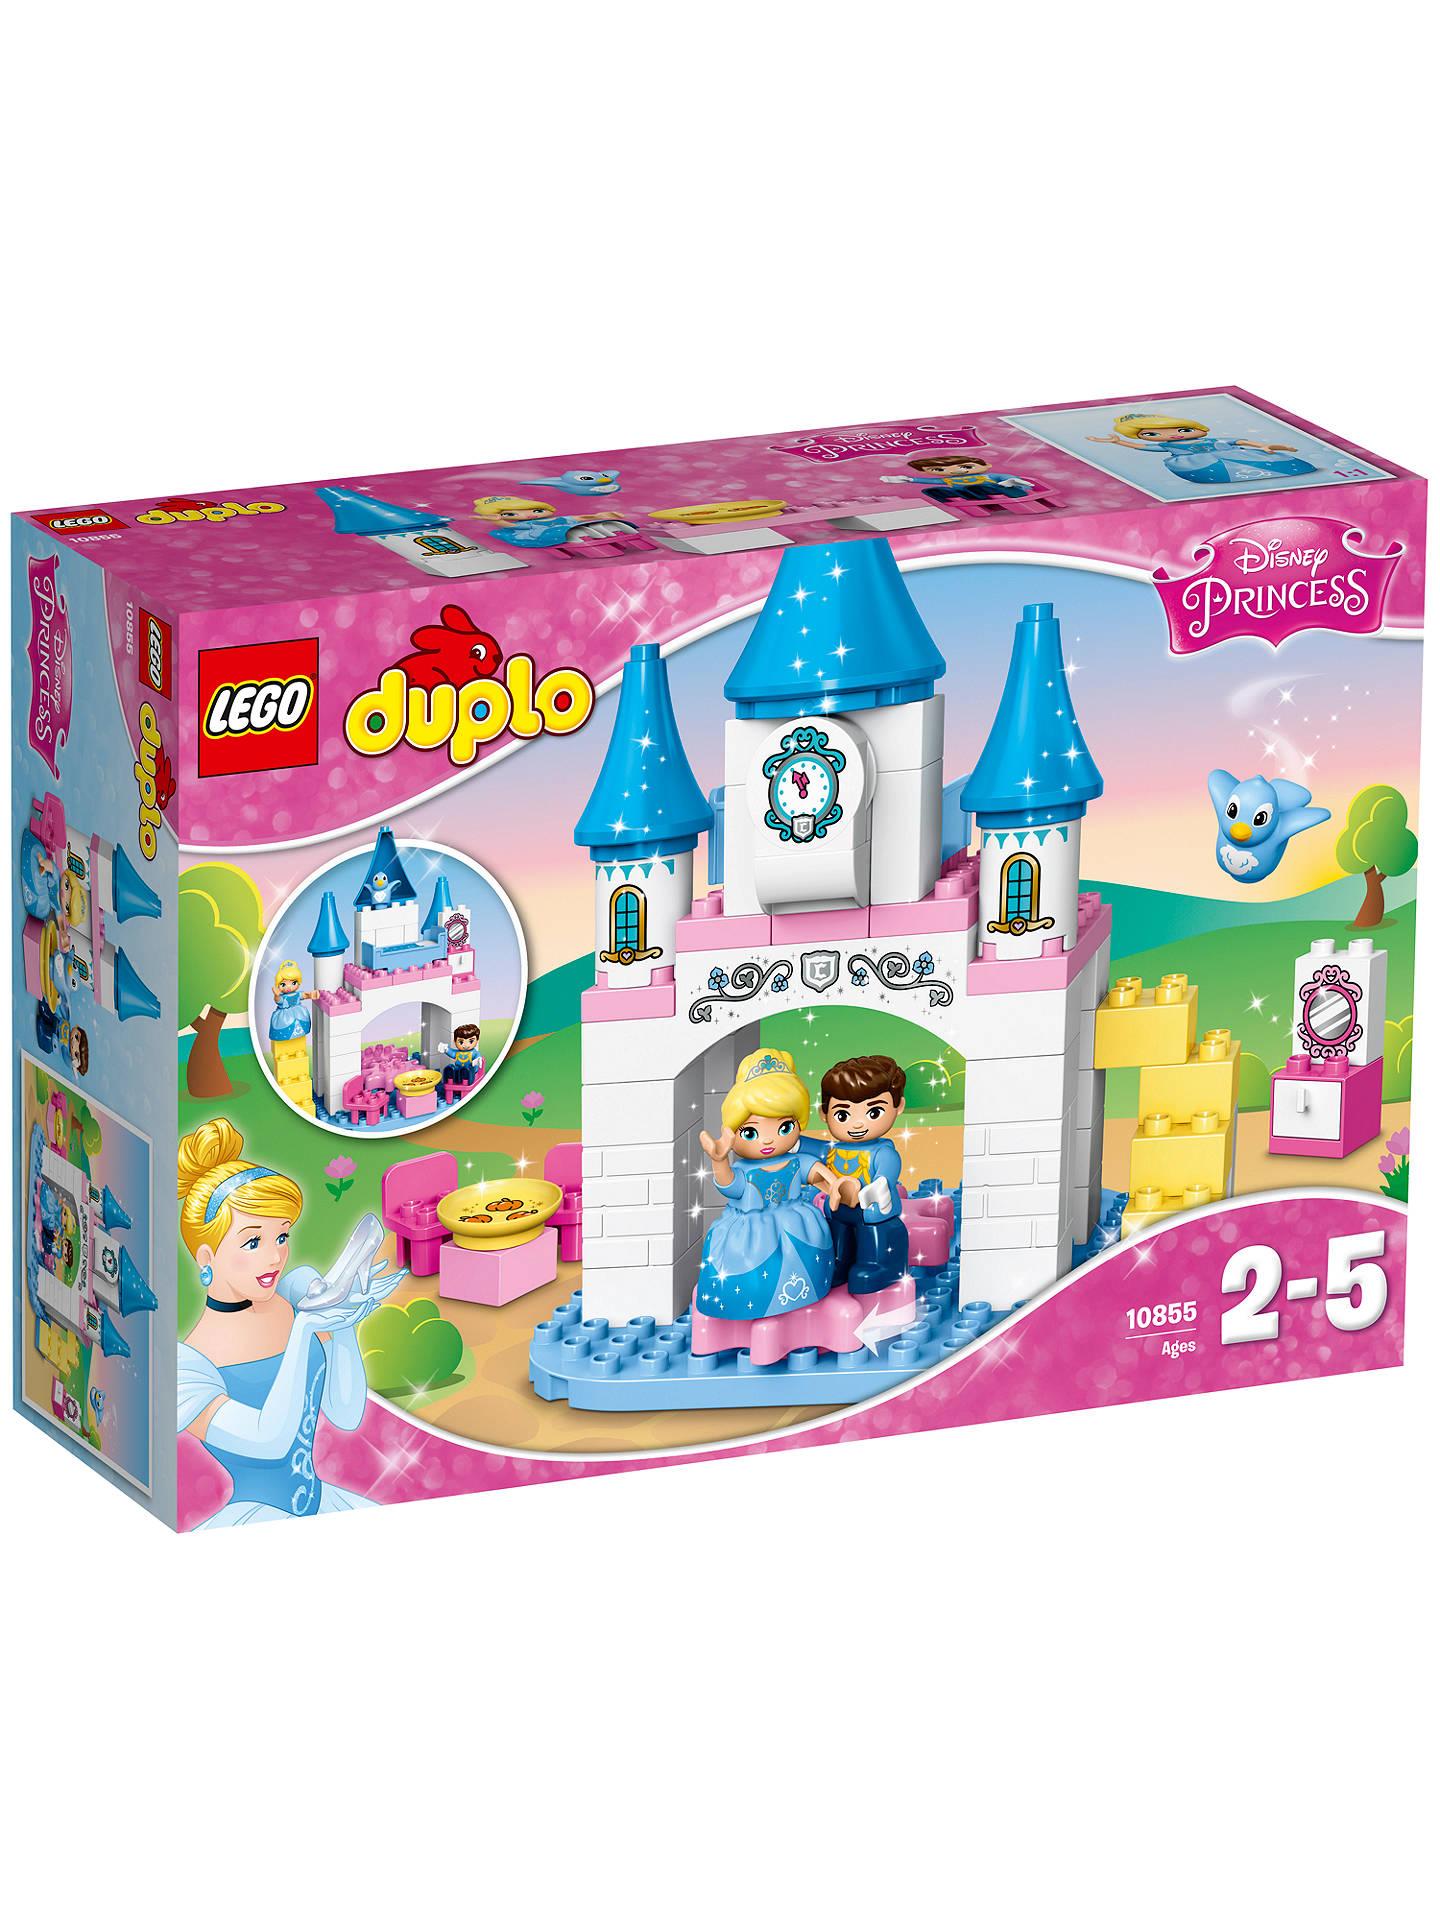 LEGO DUPLO 10855 Disney Princess Cinderella Castle at John